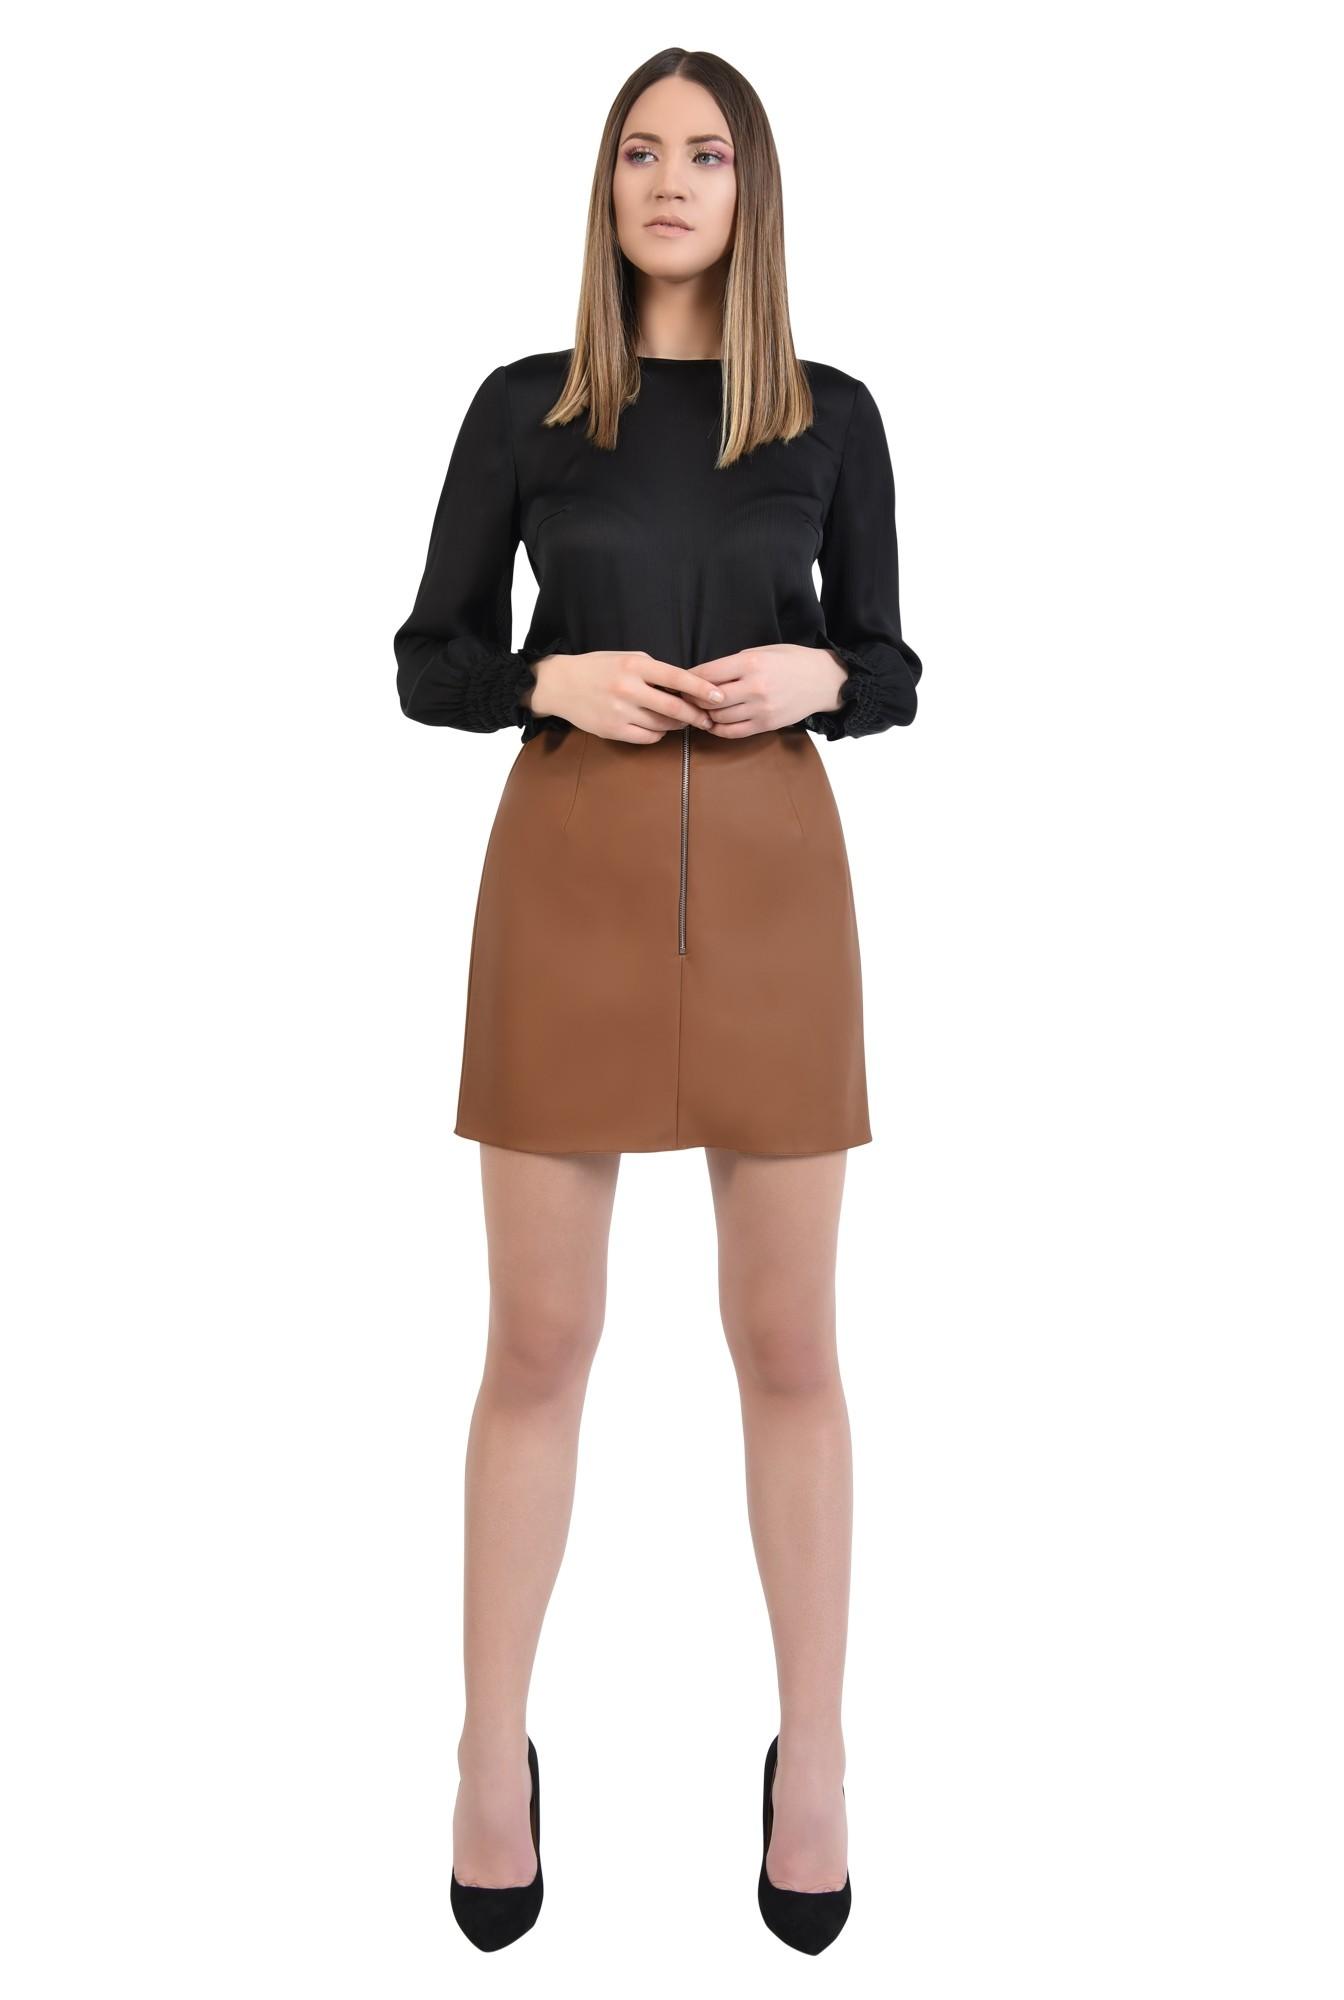 360 - bluza eleganta, din crep, tesatura texturata, bluza neagra, bluze online